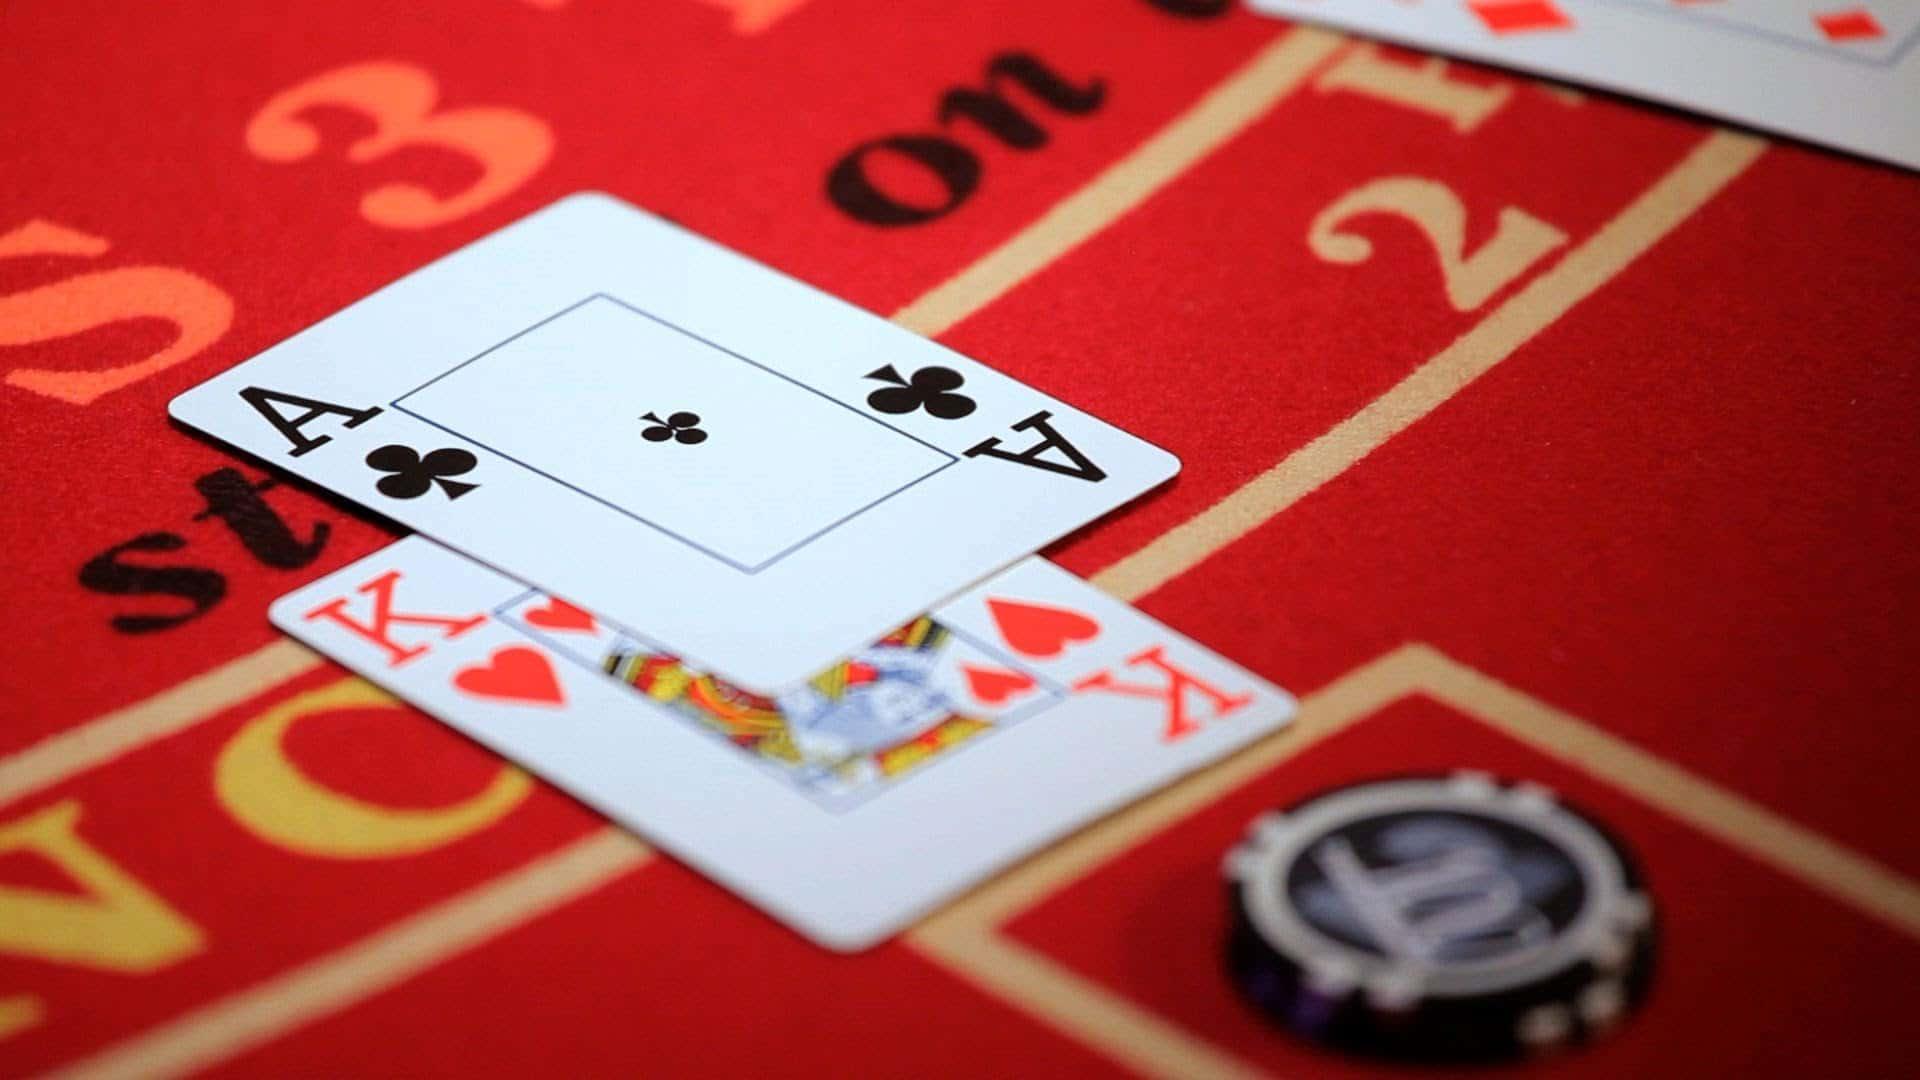 Blackjack: appliquez la stratégie de base